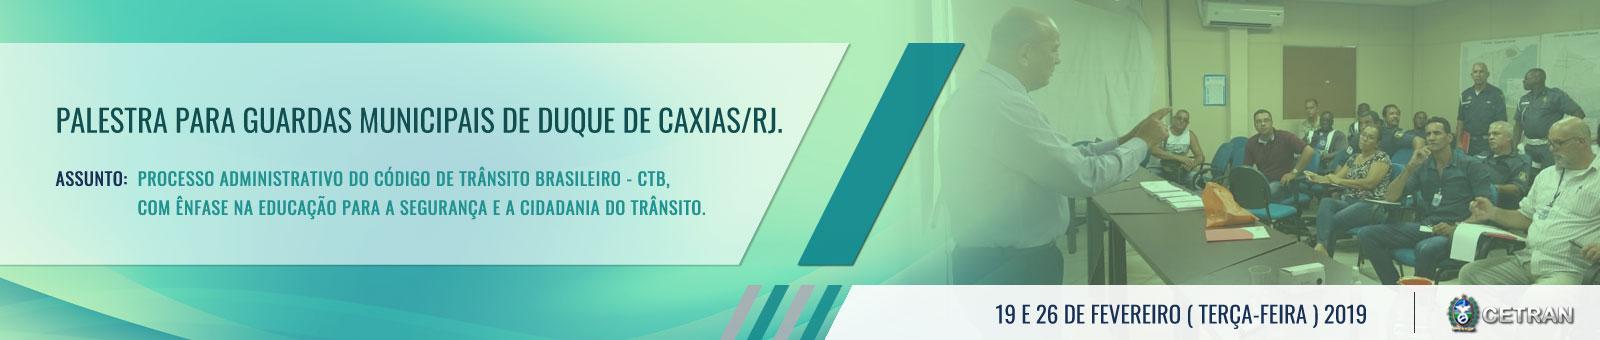 PALESTRA INTERATIVA SOBRE O PROCESSO ADMINISTRATIVO DO CTB, ETC.